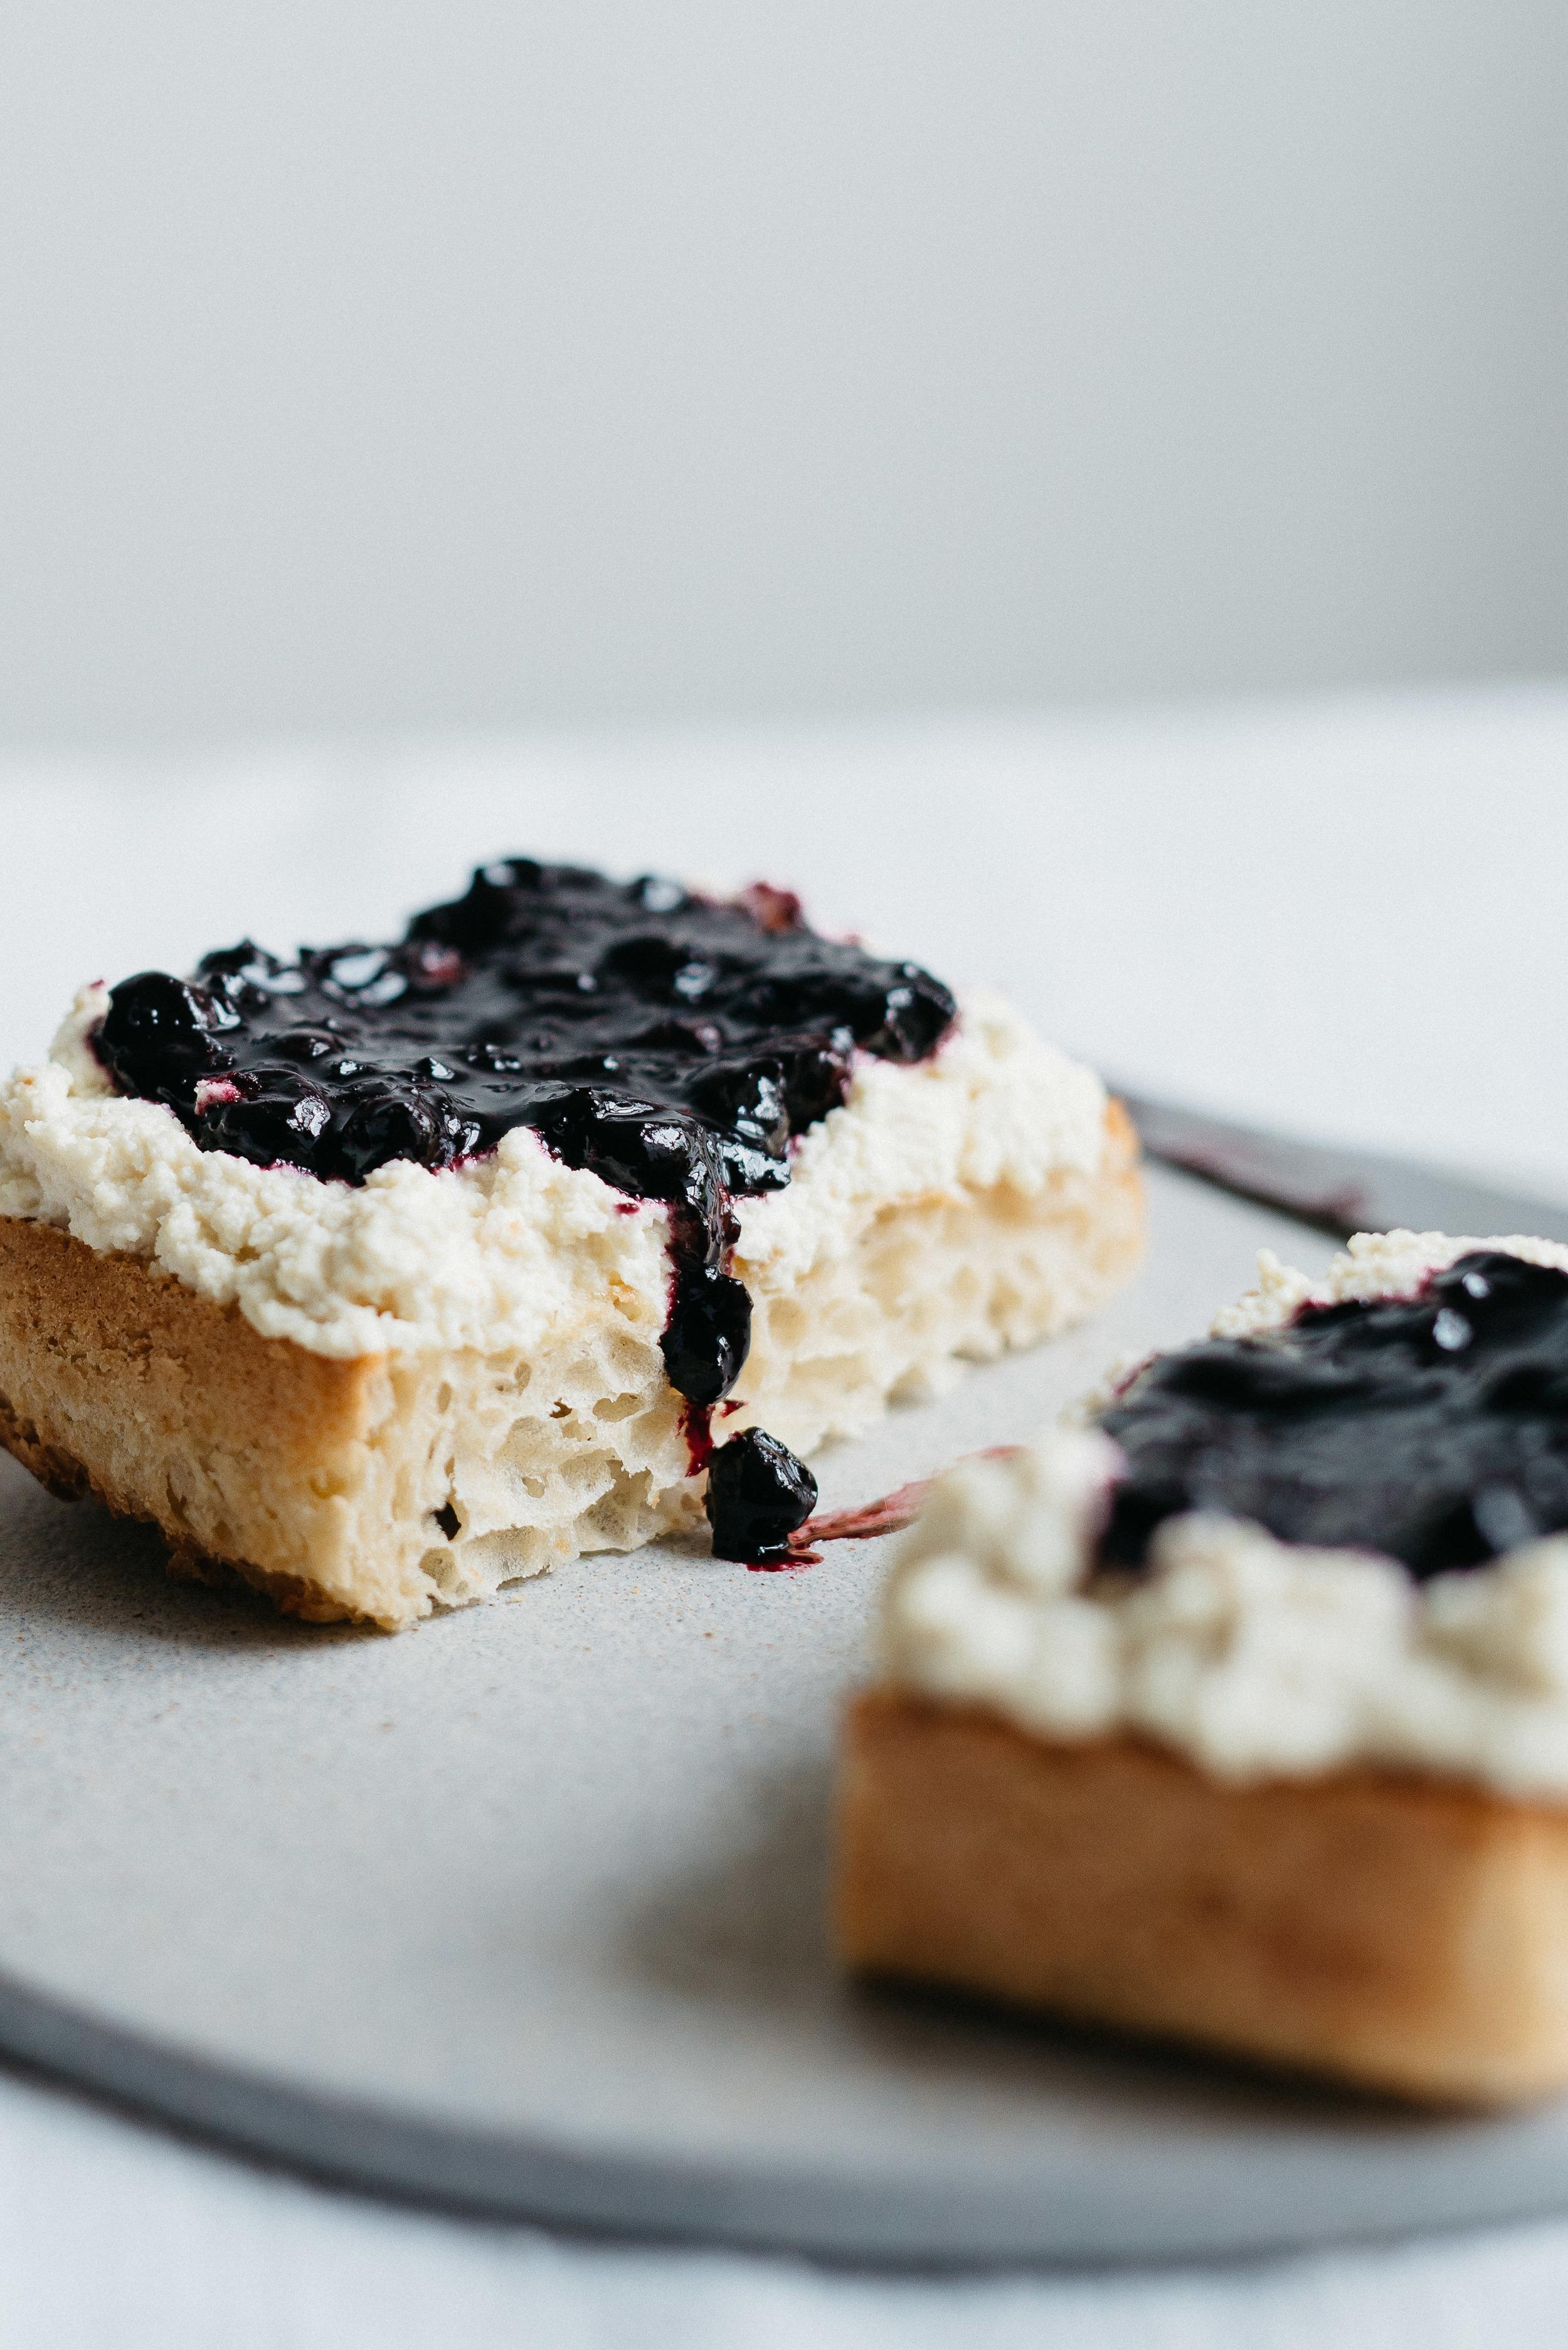 Summer Fridays!: Macadamia Ricotta & Black Currant Jam On Toast   V    dolly and oatmeal